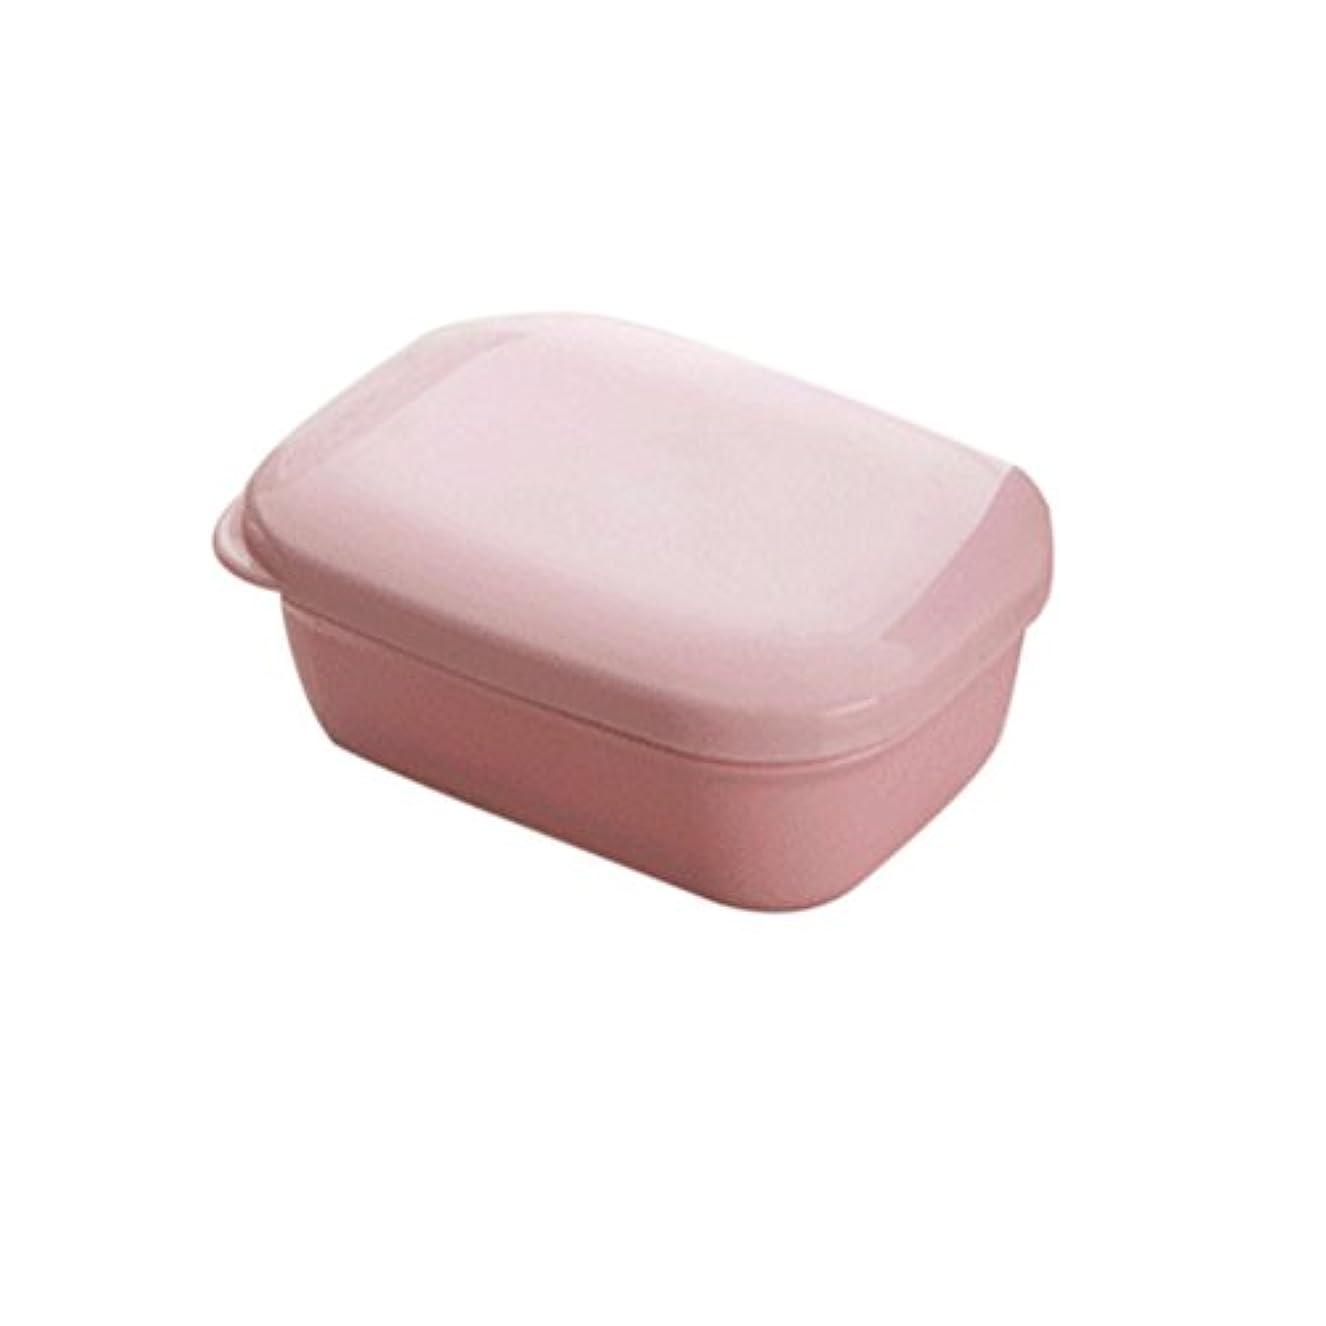 予想外集計メロンBESTOMZ 石鹸ケース 石鹸置き ソープディッシュ 旅行用 携帯 ふた付け(ピンク)